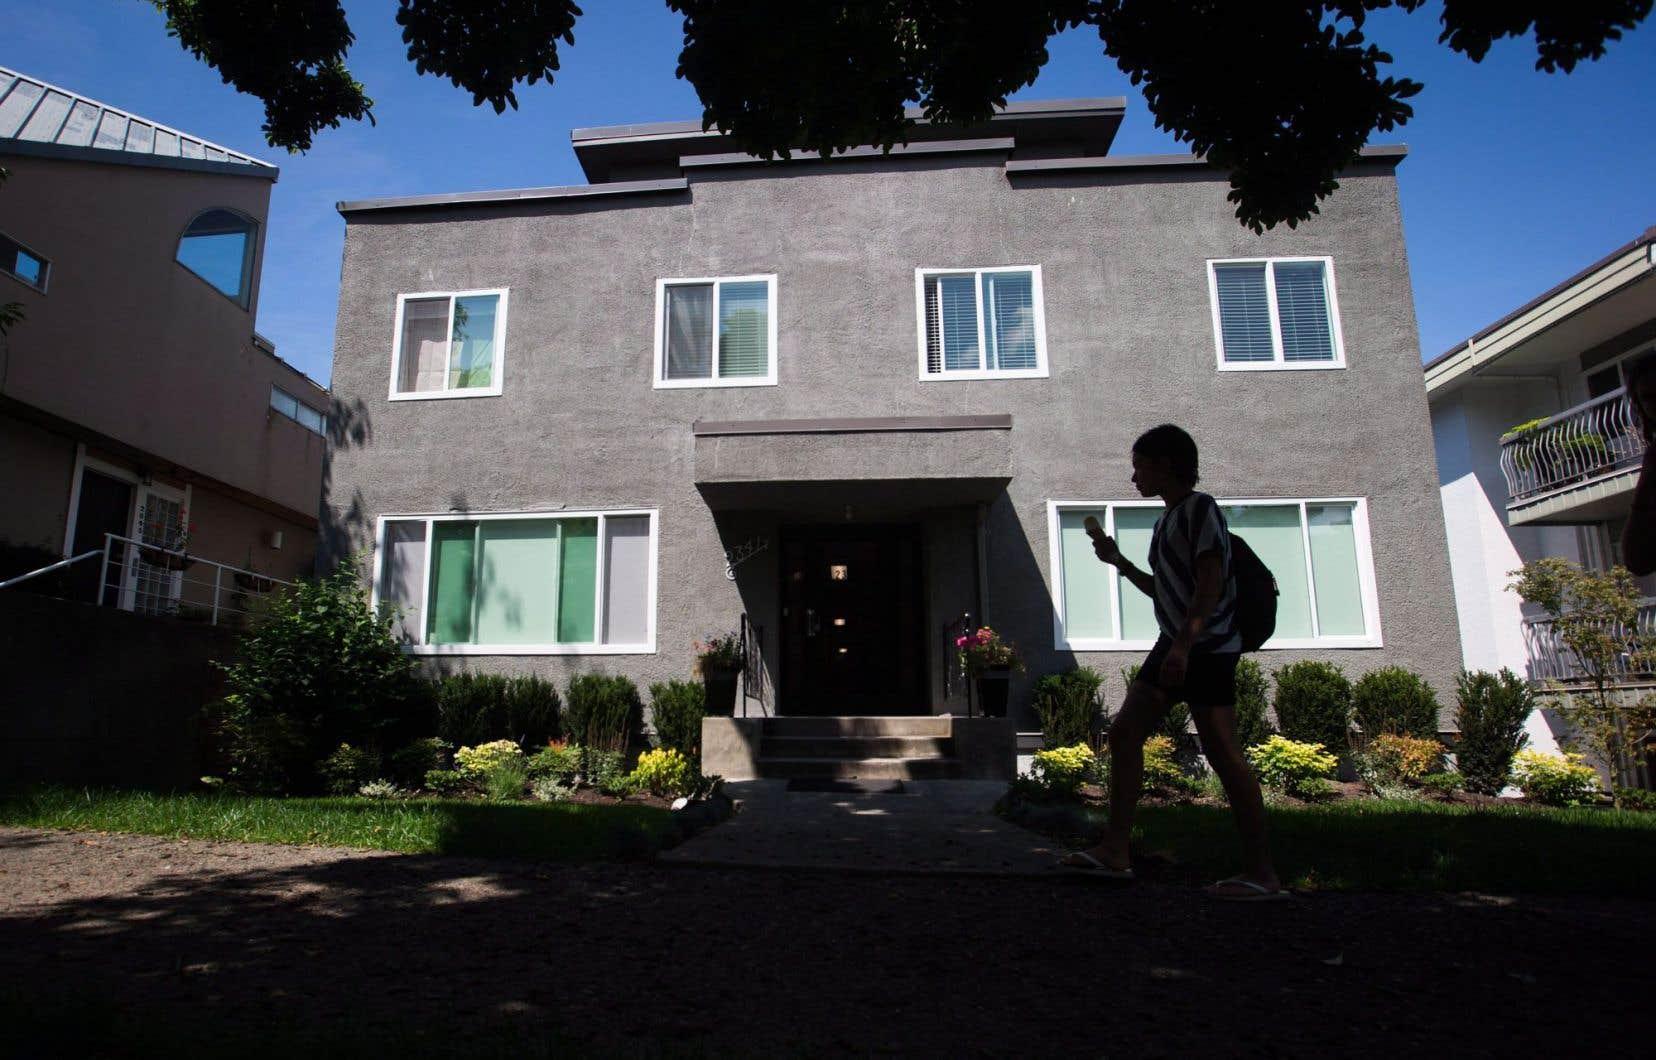 Dans cet immeuble d'appartements à Vancouver, plus de la moitié des logements seraient en location sur Airbnb.